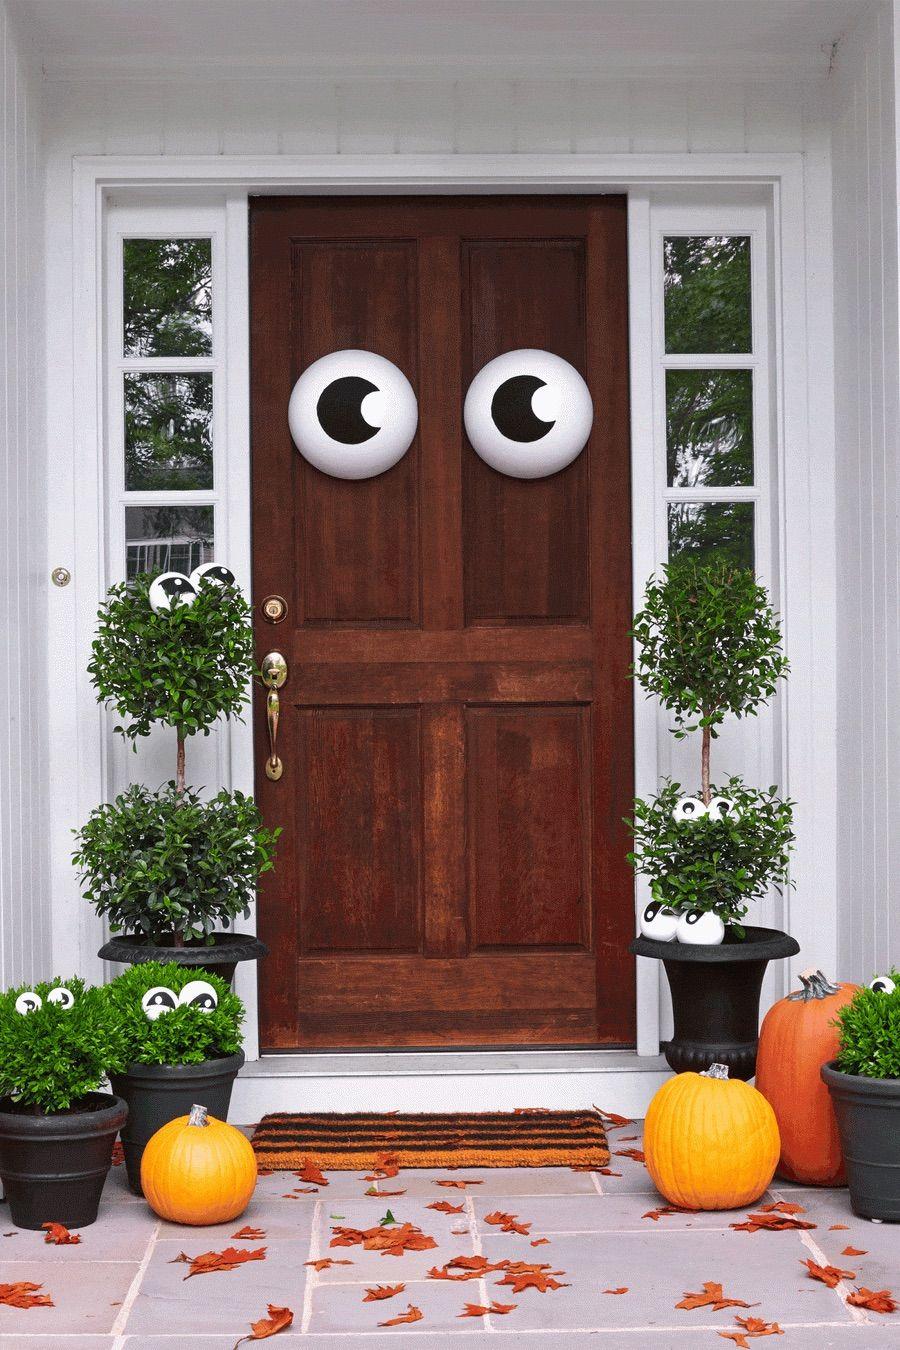 Halloween Front Door with Googly Eyes via House Beautiful